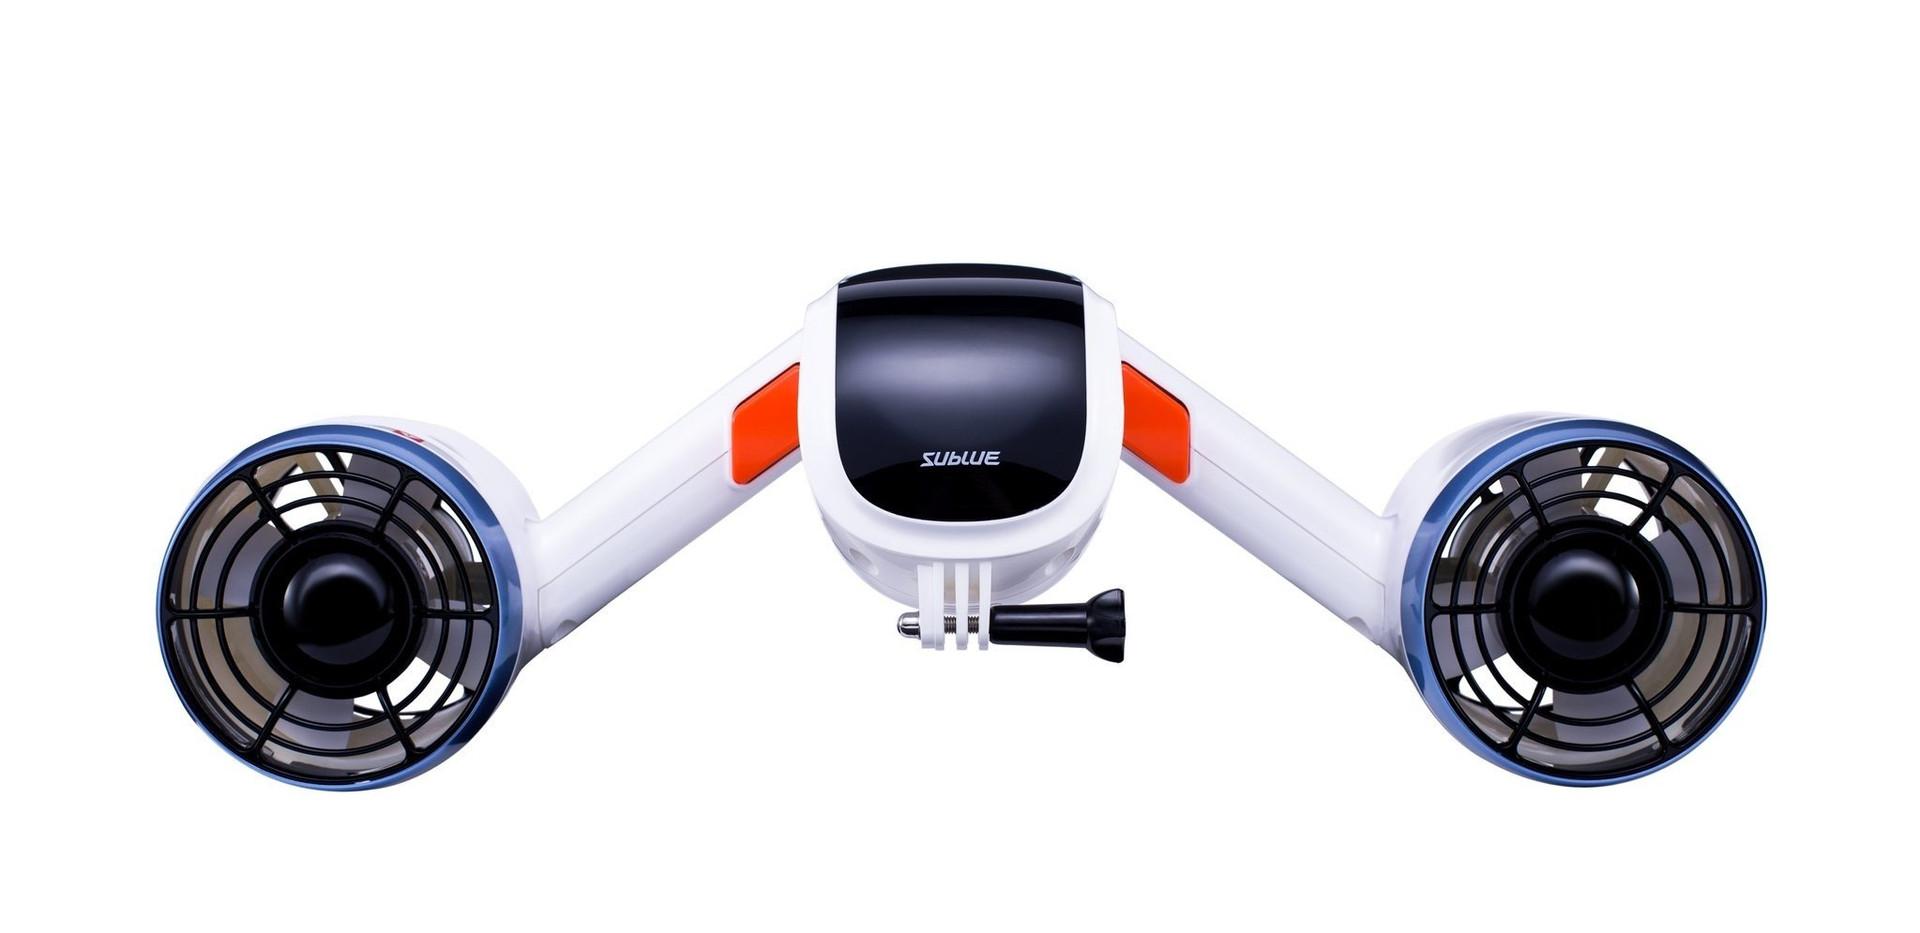 sublue-whiteshark-mix-underwater-scooter